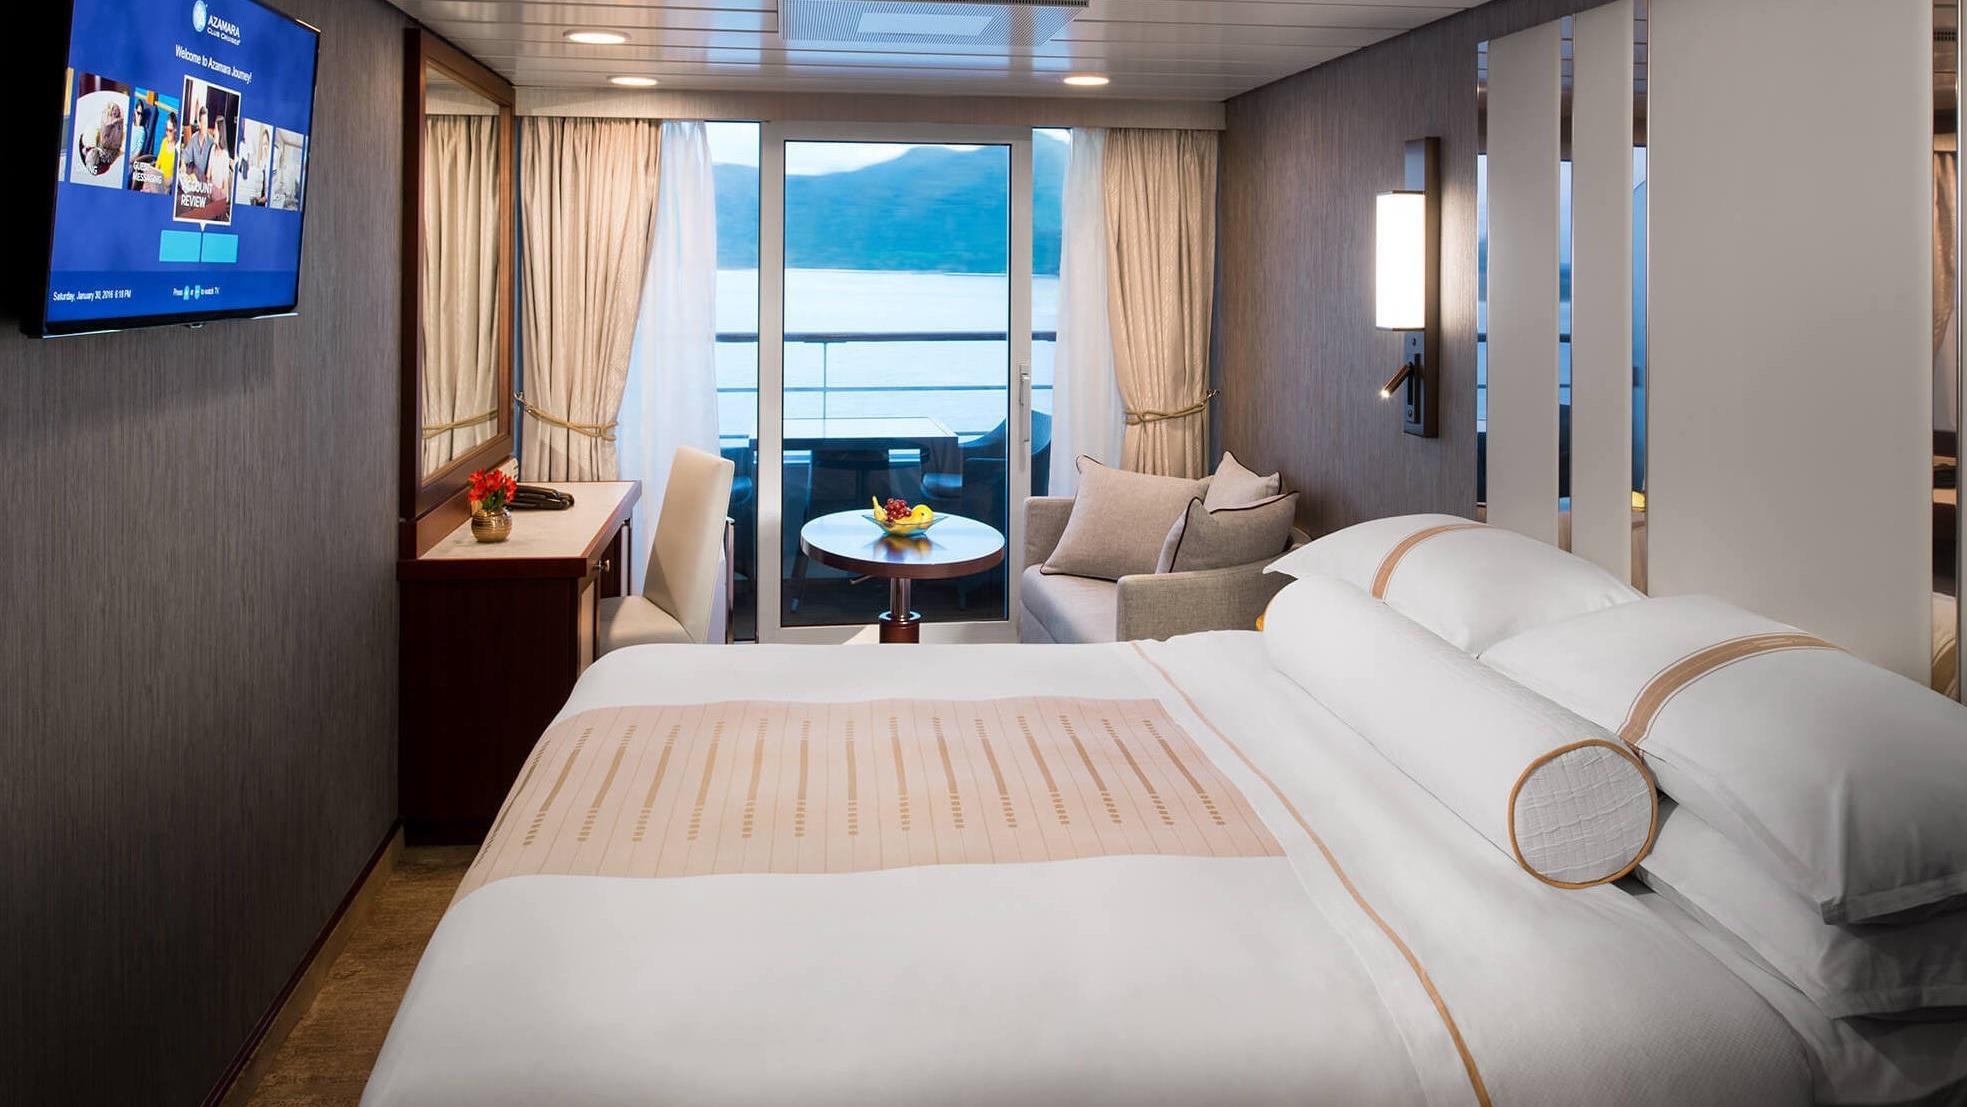 Lyxkryssning - Azamra Club Cruises är ett rederi med tre relativt små fartyg. Ombord är det endast 700 passagerare. Läs mer om våra kryssningar med Azamara Club Cruises.